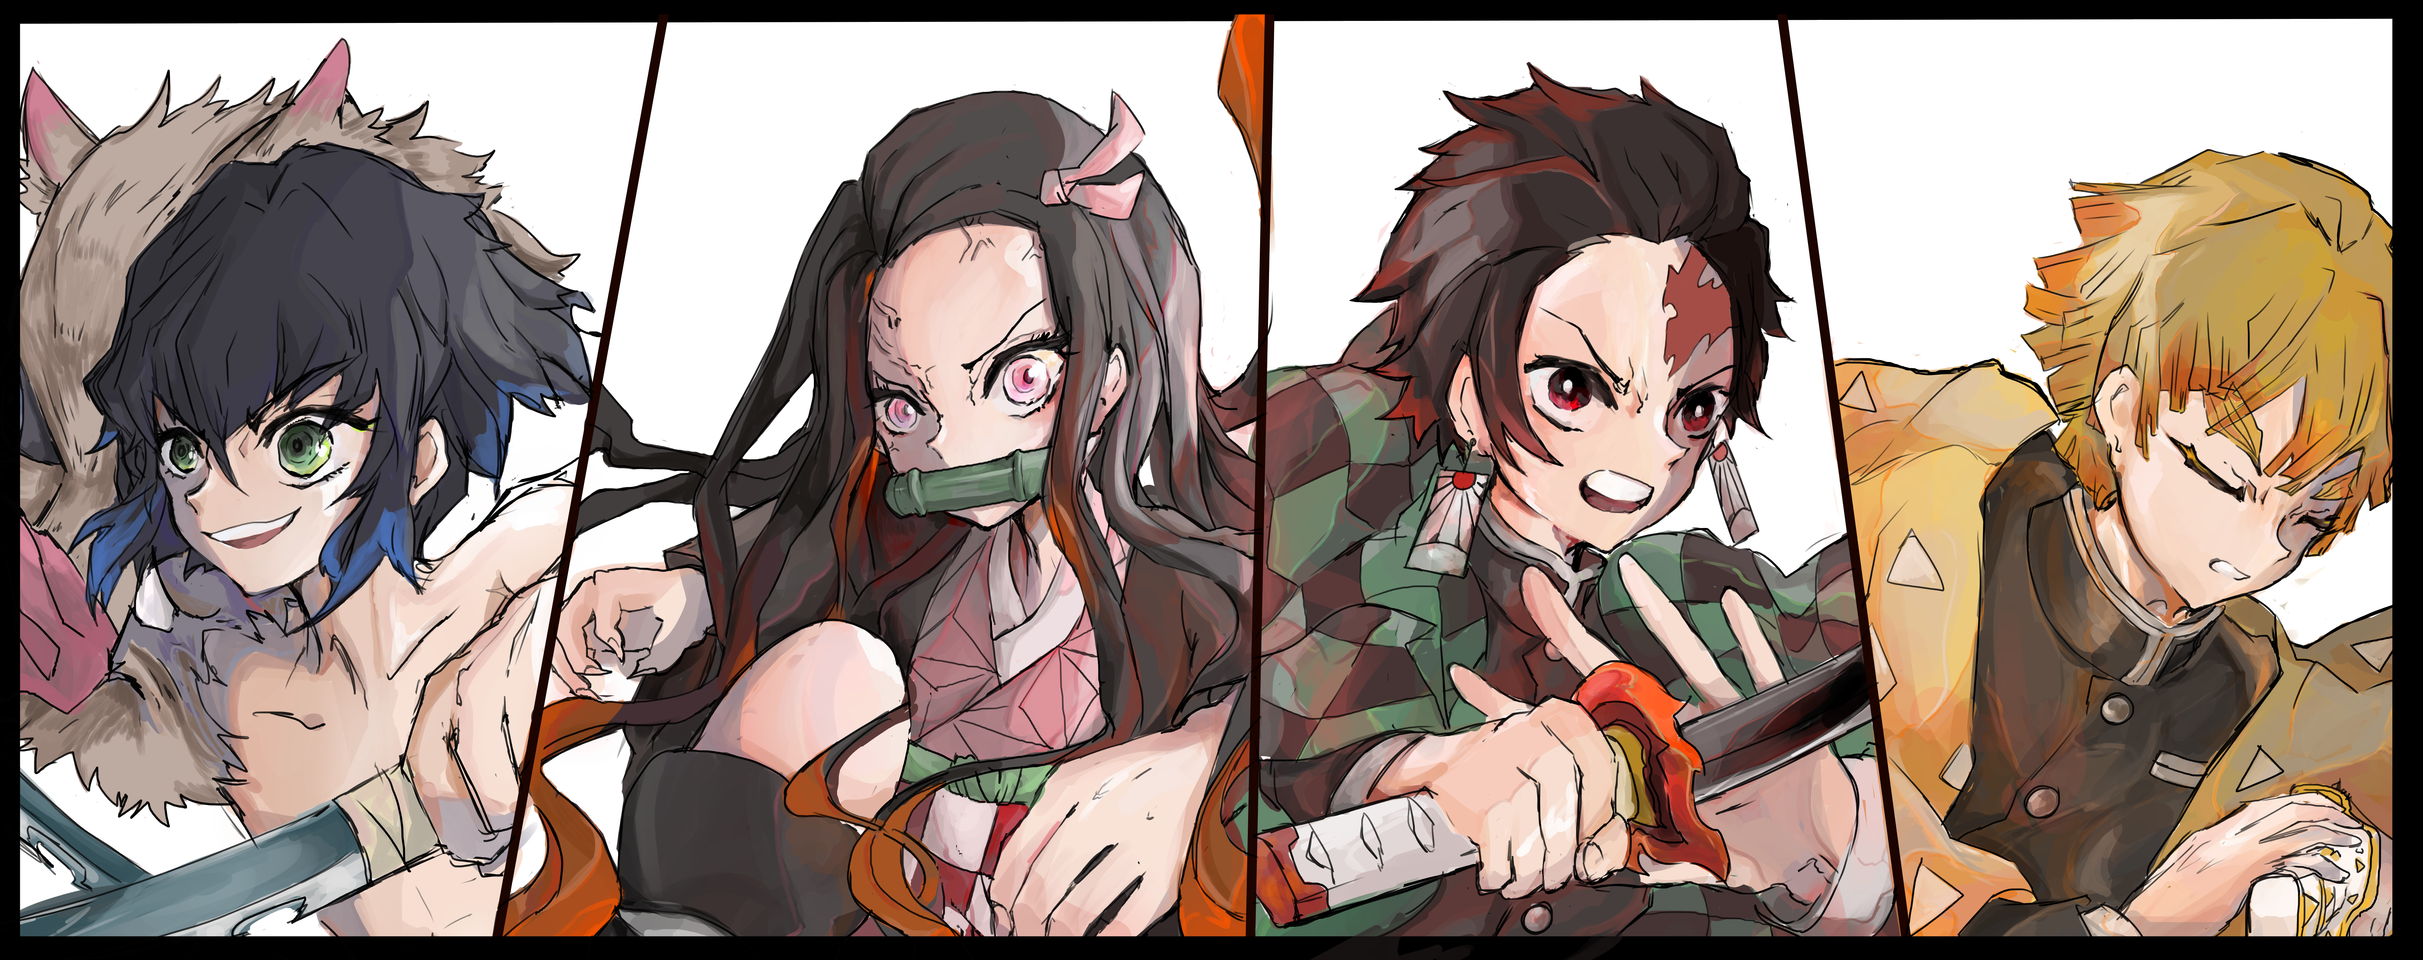 かまぼこ隊四人組 Illust of saku ARTstreet_Ranking medibangpaint かまぼこ KimetsunoYaiba